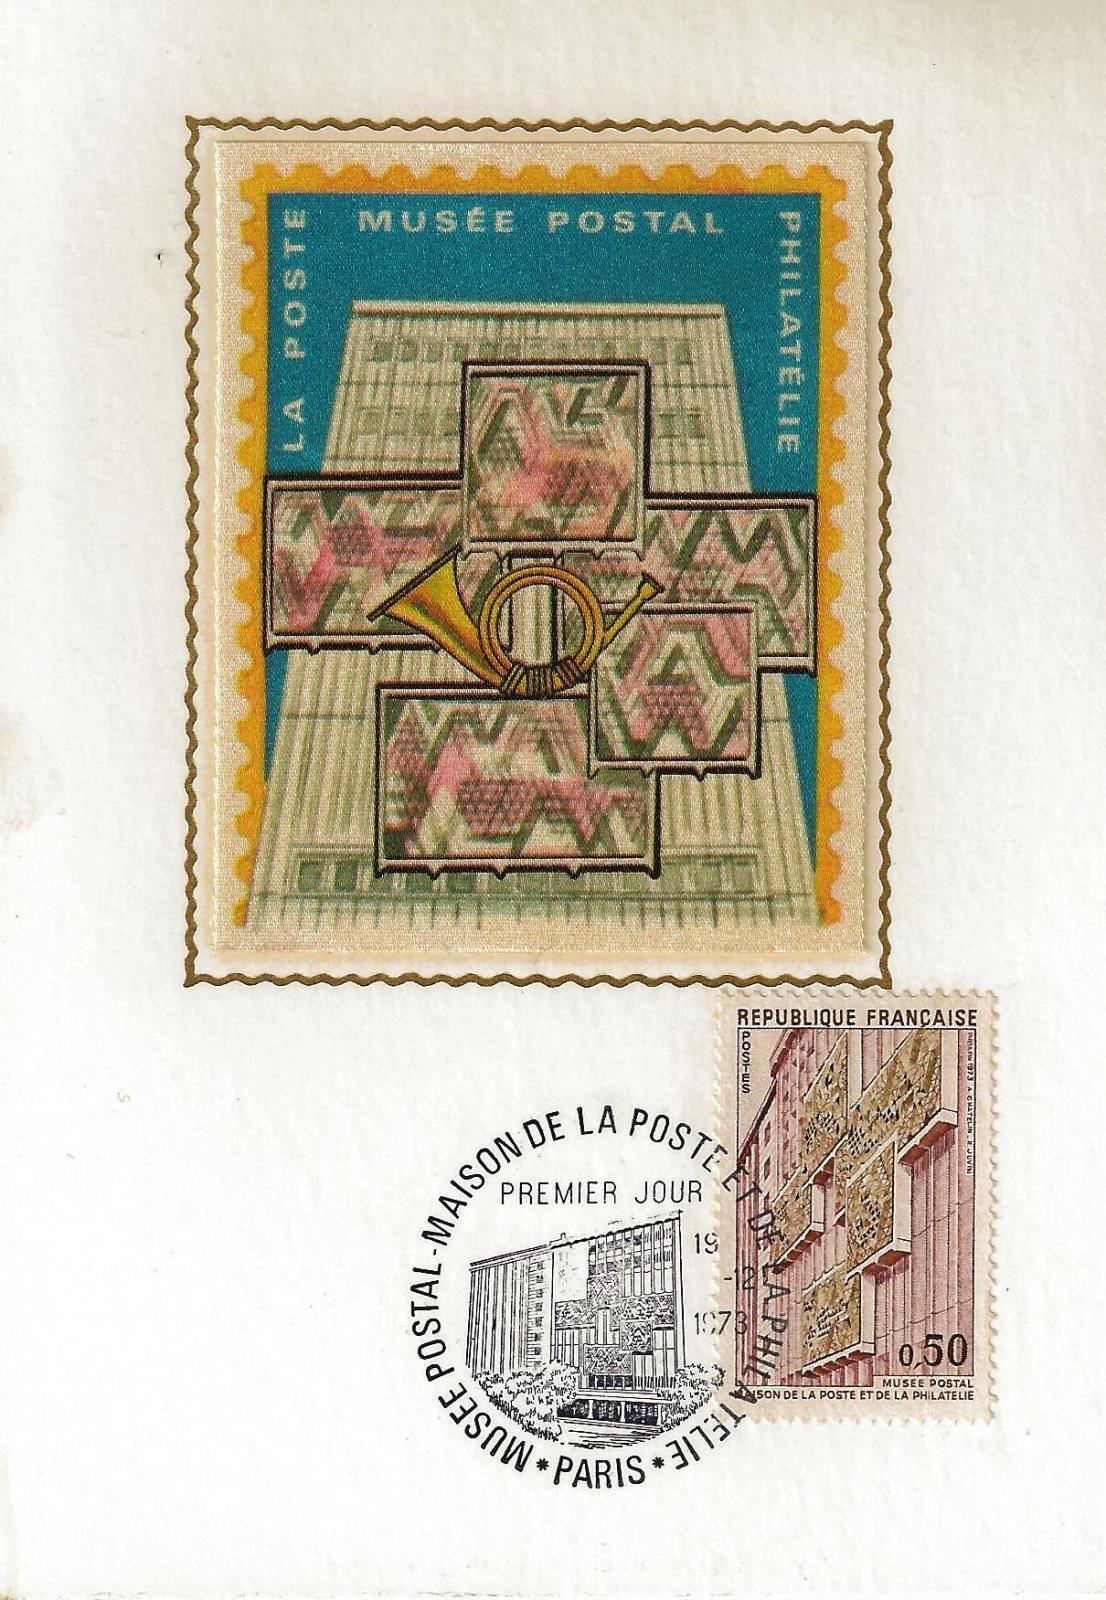 1973MUSEE POSTAL